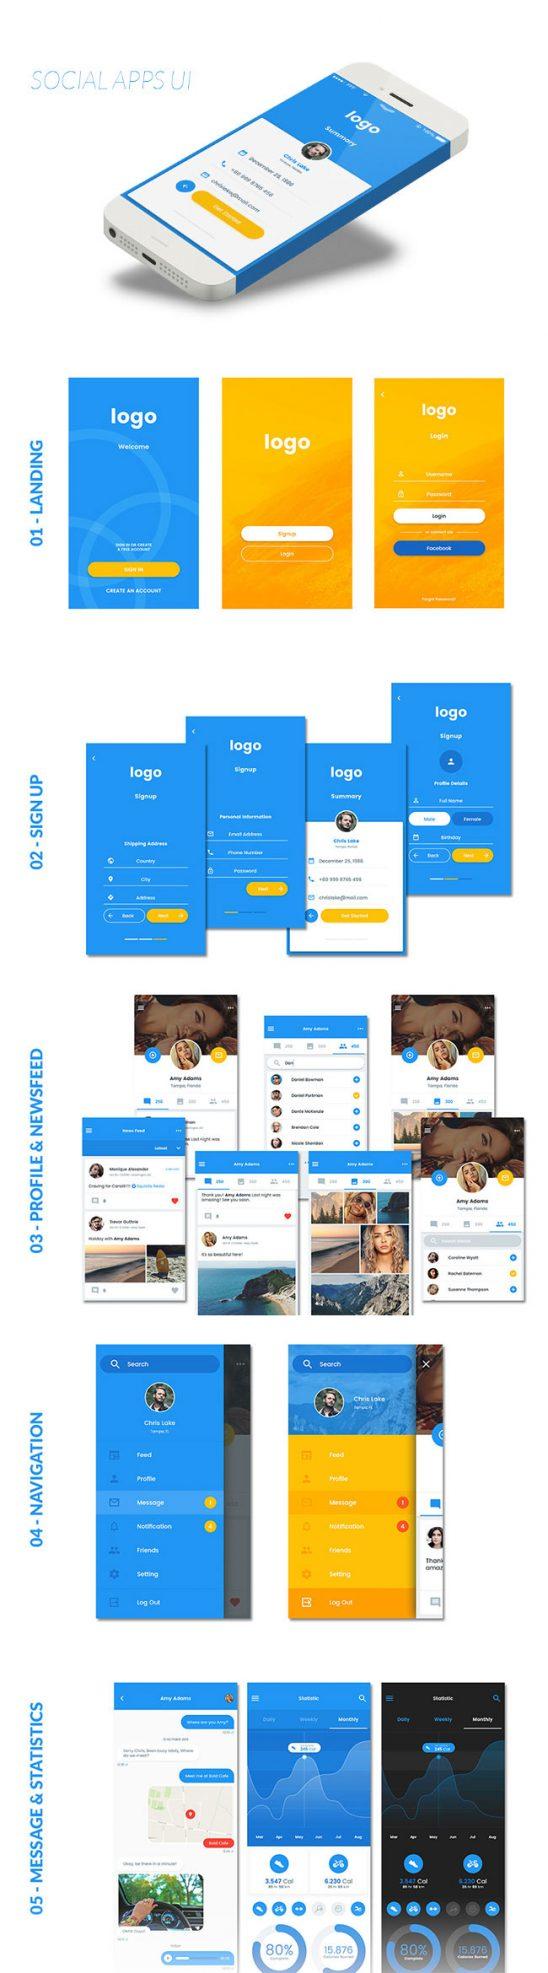 p513 548x1973 - لایه باز گرافیک اپلیکیشن (تعاملی - شبکه اجتماعی) اینترفیس موبایل UX و UI اندورید و ios با آیکون های کاربردی و متنوع